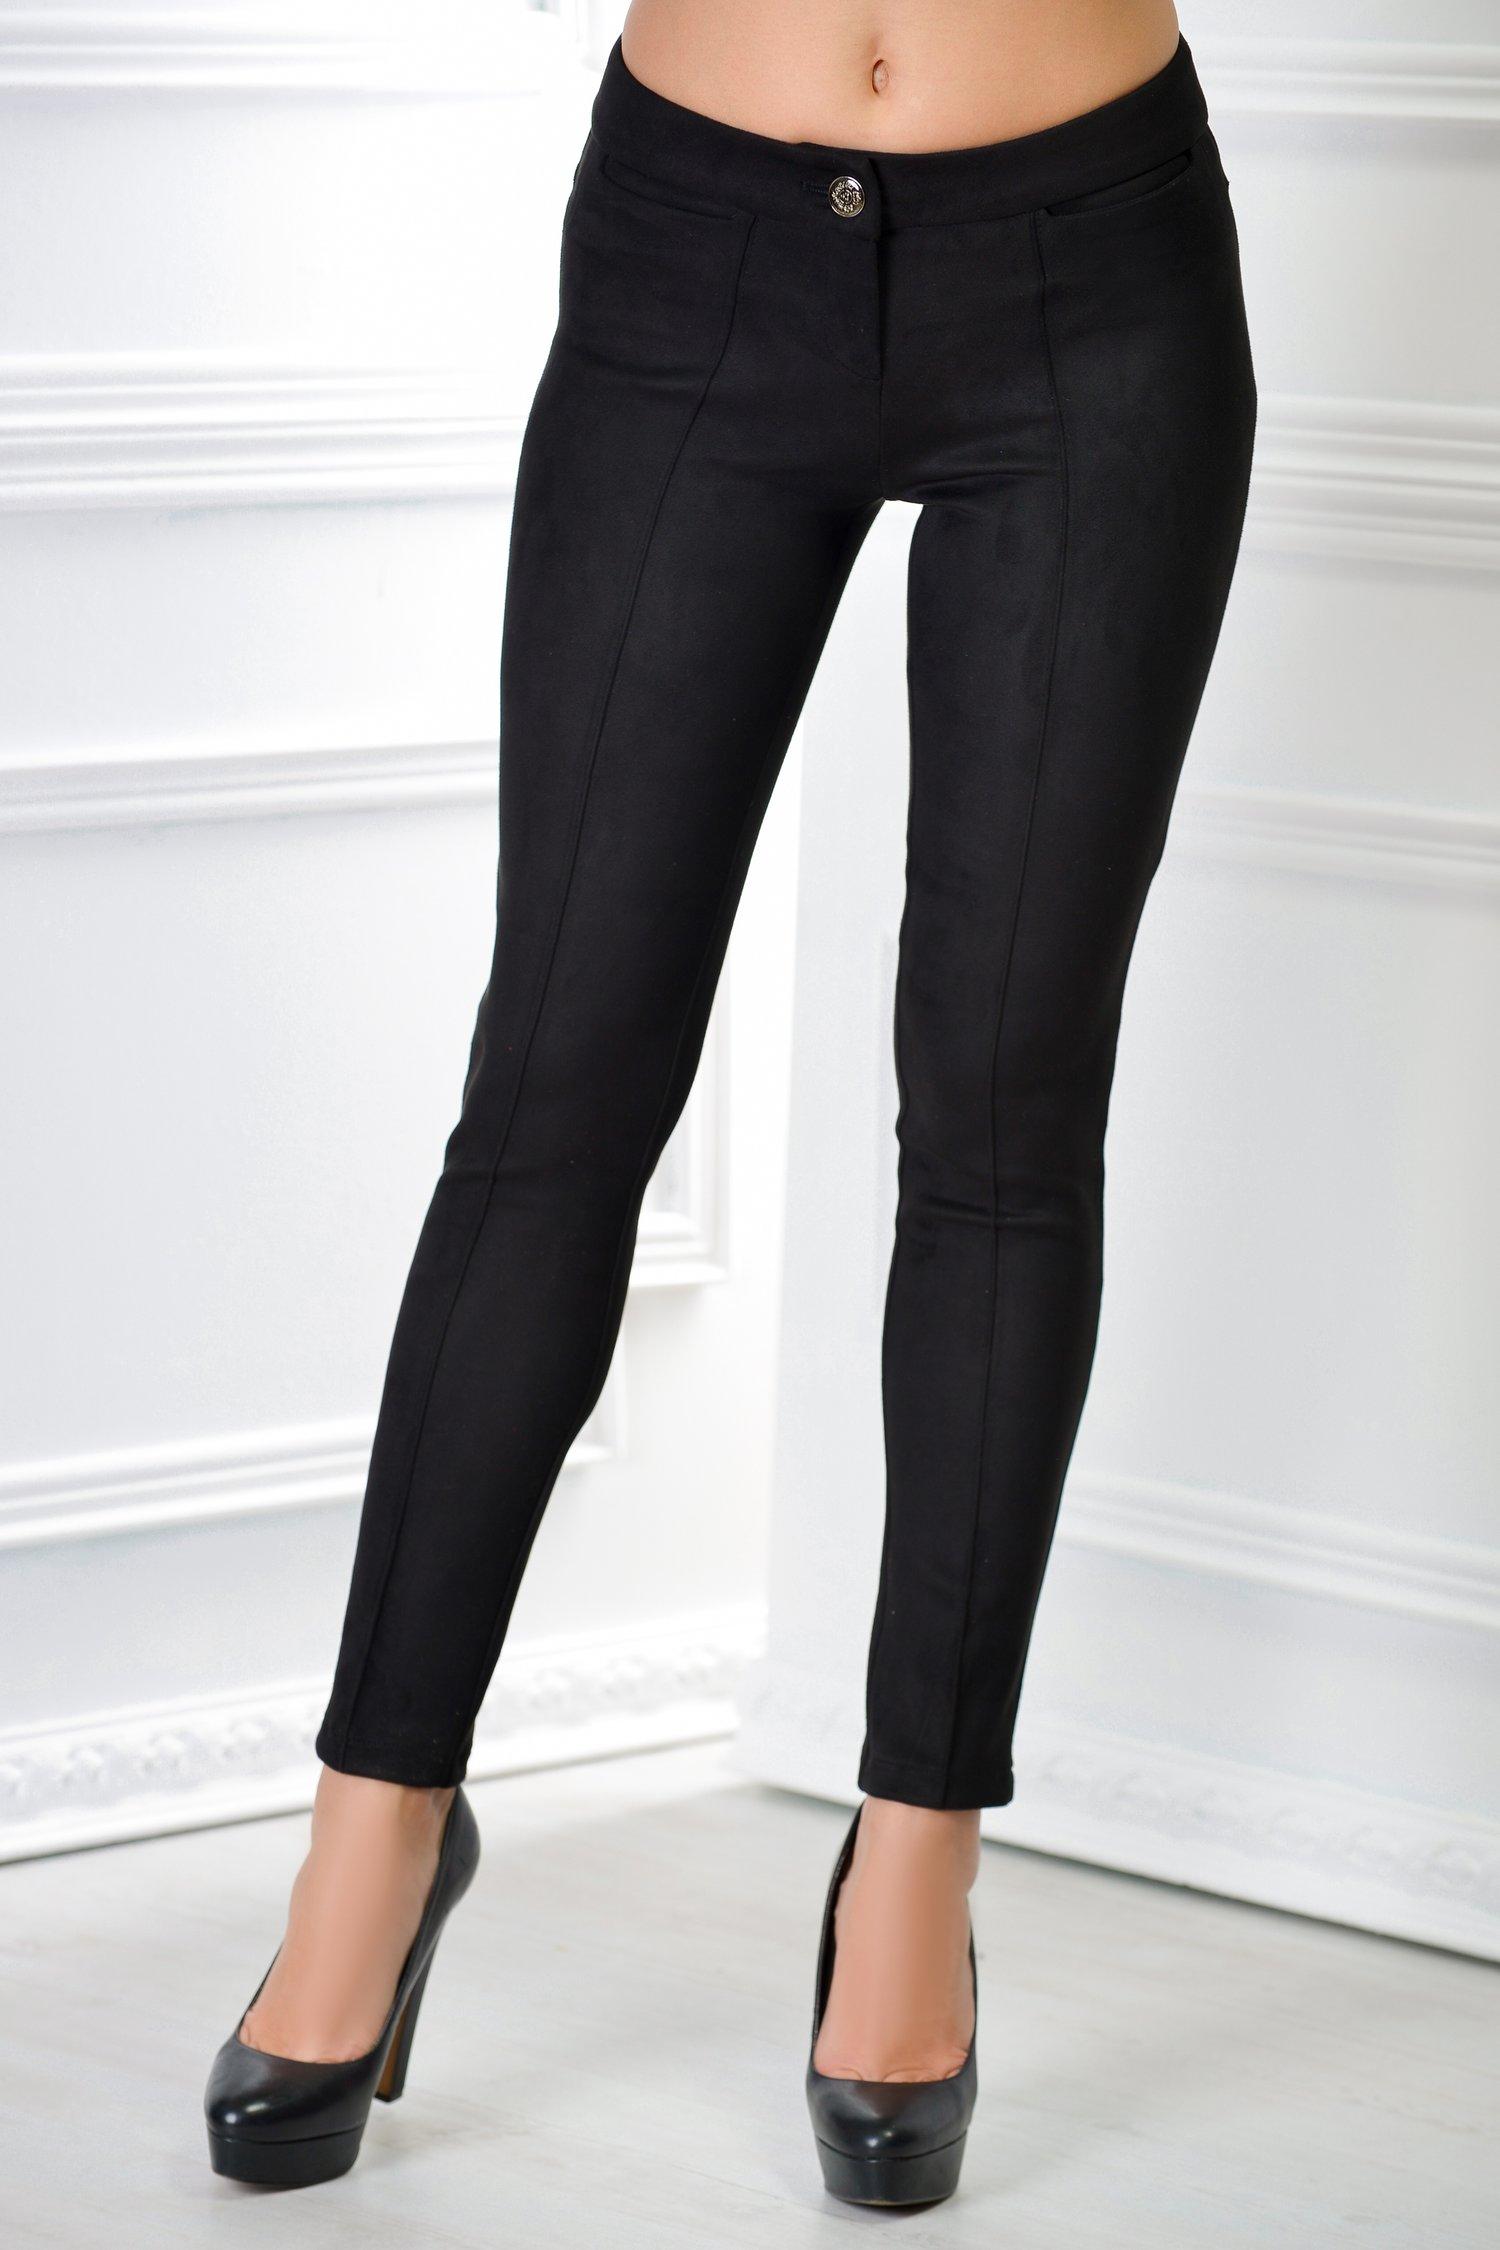 Pantalon Niami negru cu dunga, colectia 2018